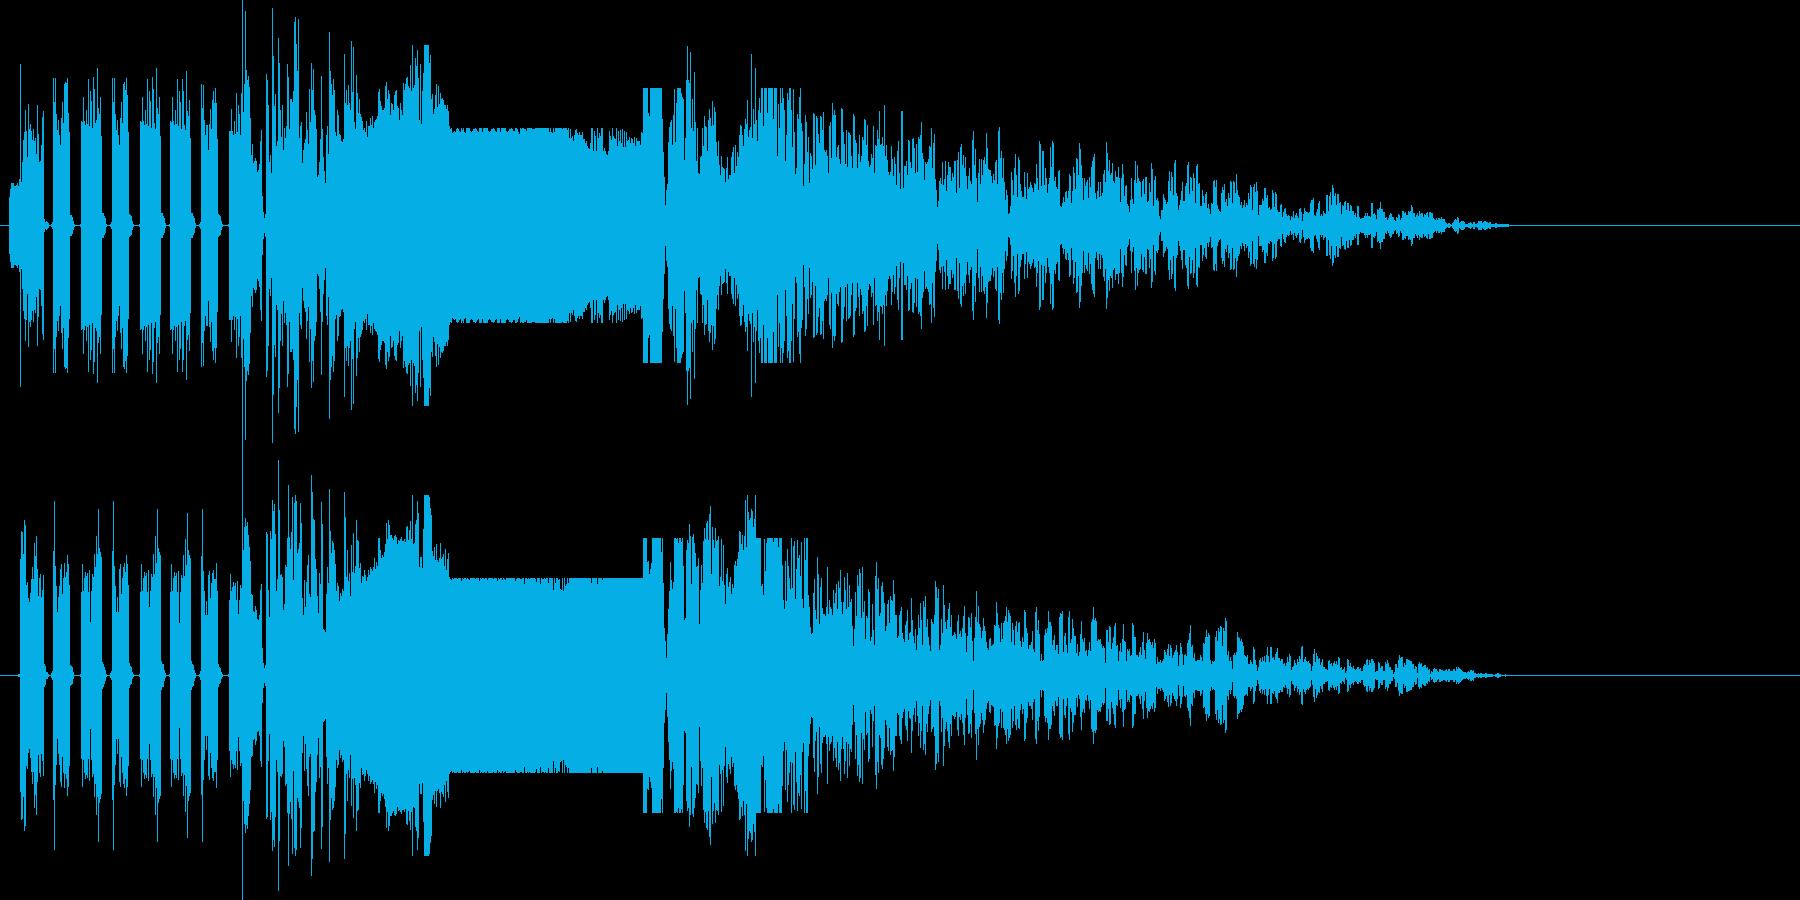 ラジオジングル制作にピッタリな効果音の再生済みの波形